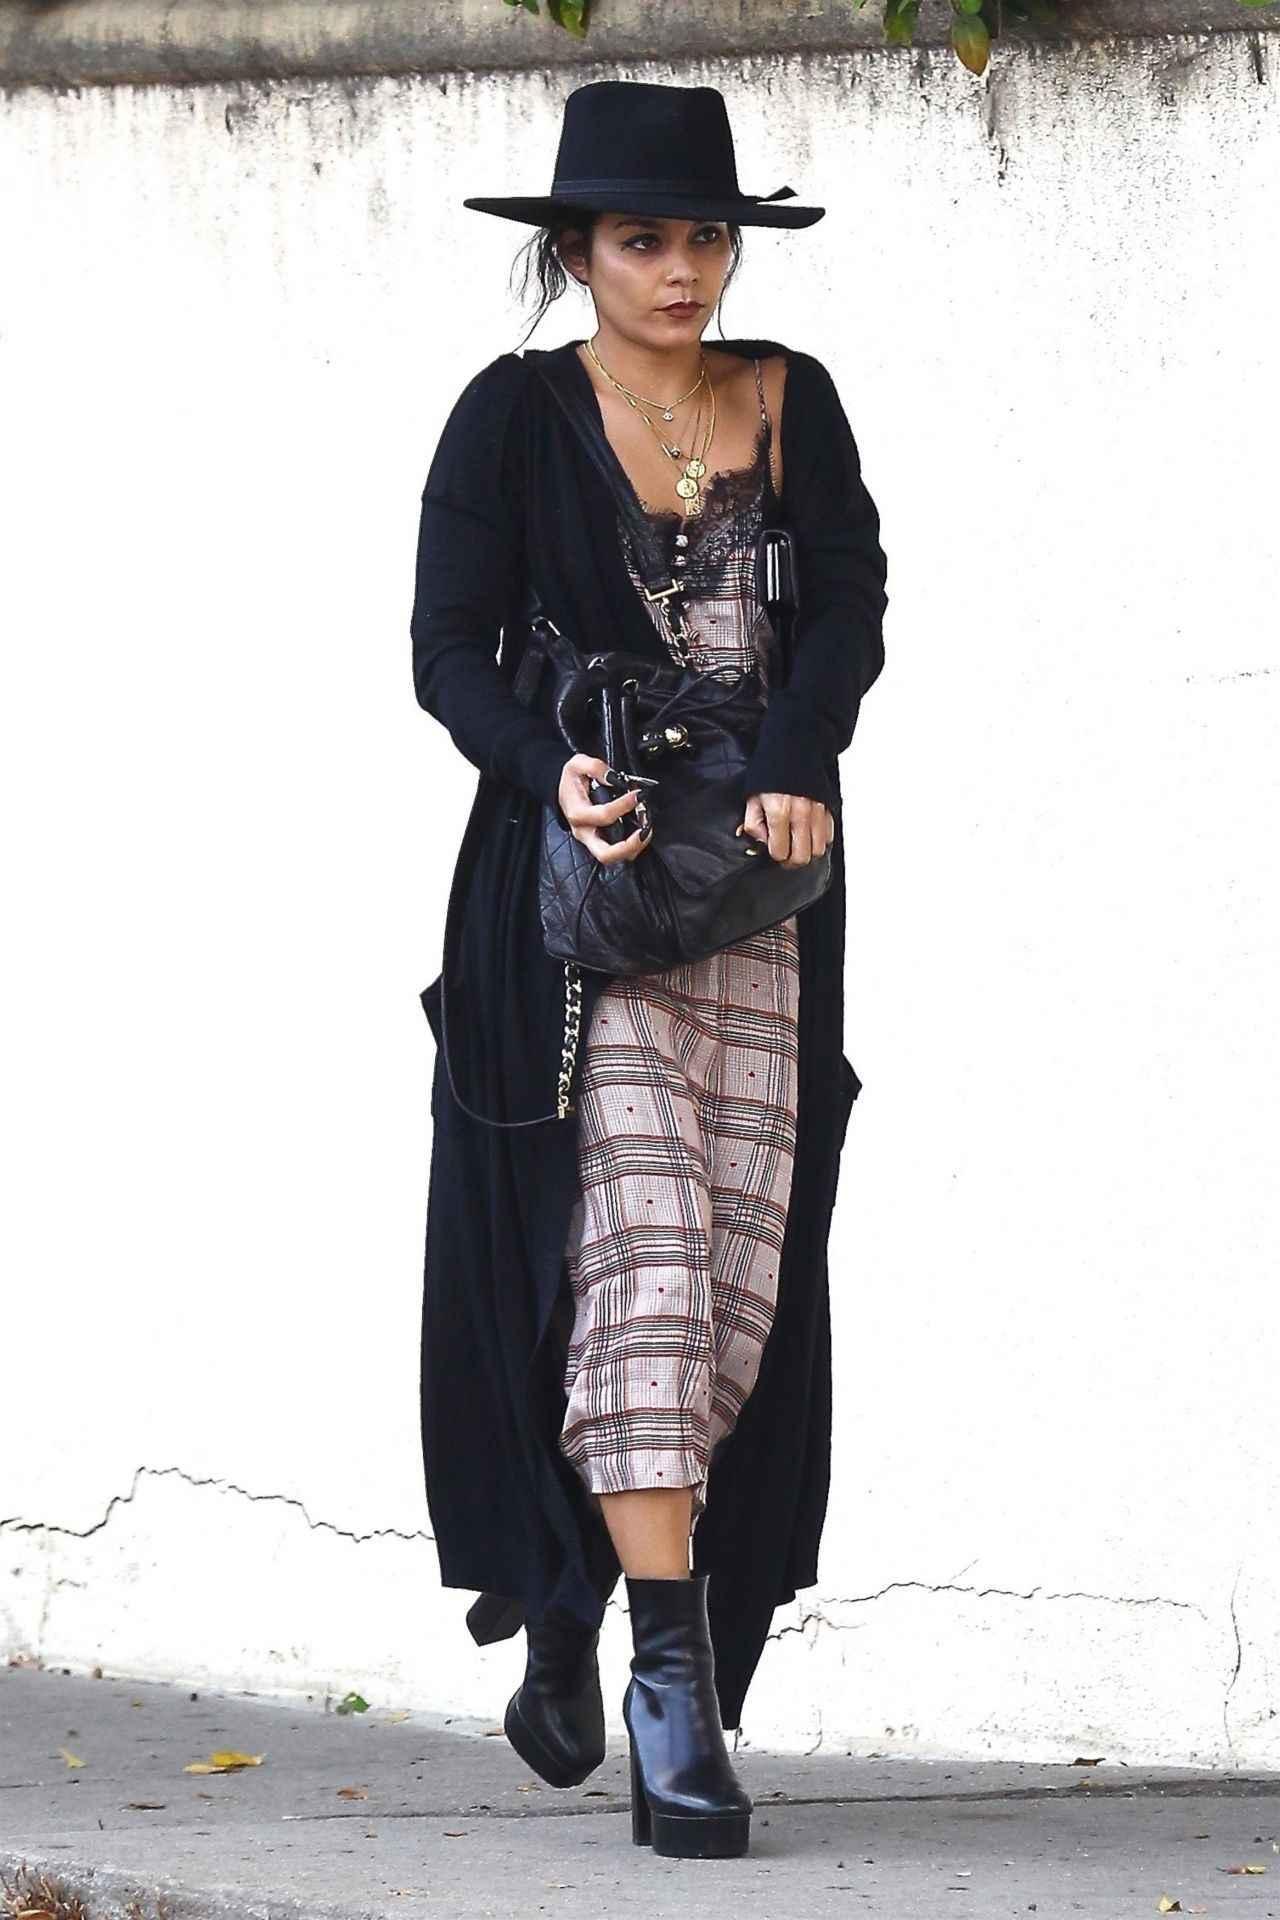 画像1: 人気女優のヴァネッサ・ハジェンズ